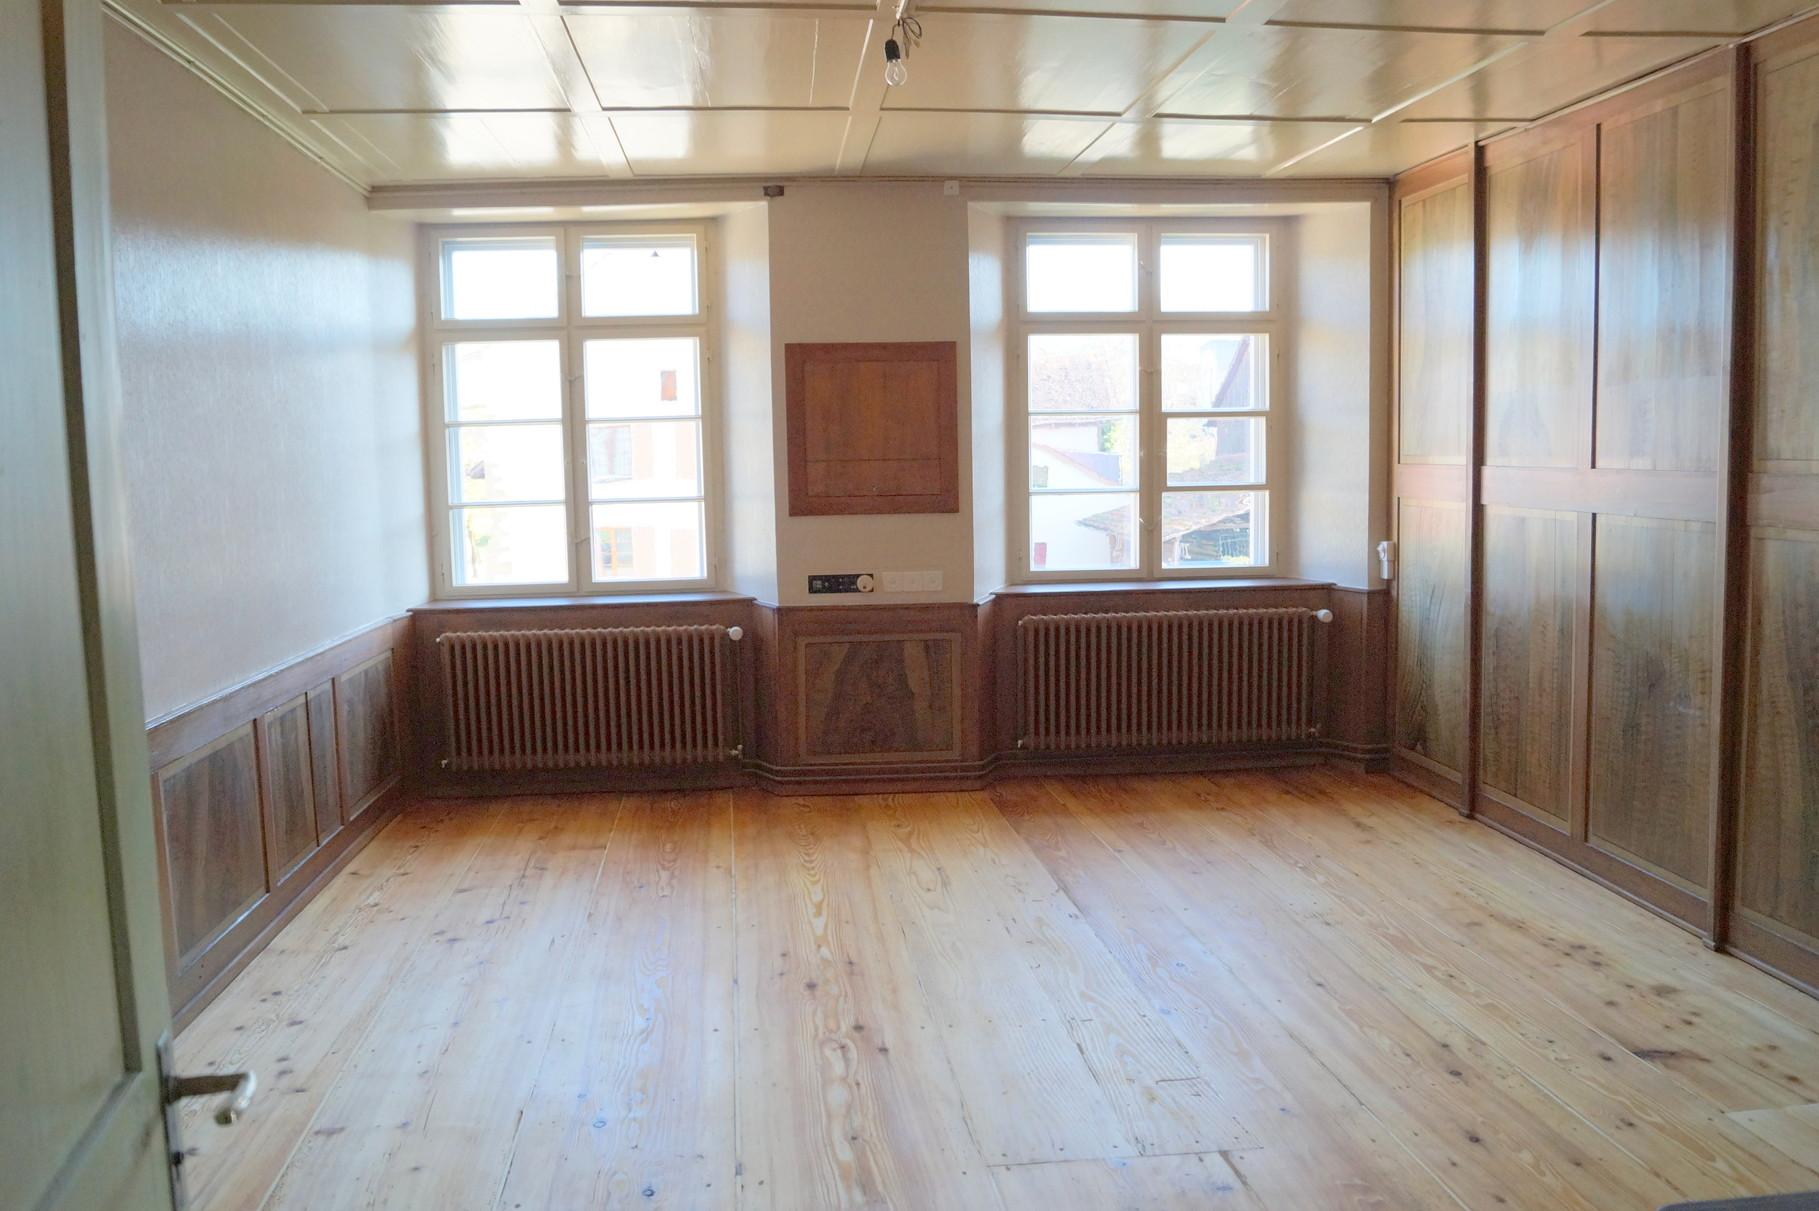 Die Aussenfenster aller Räume sind neu, die Innenfenster sind die alten